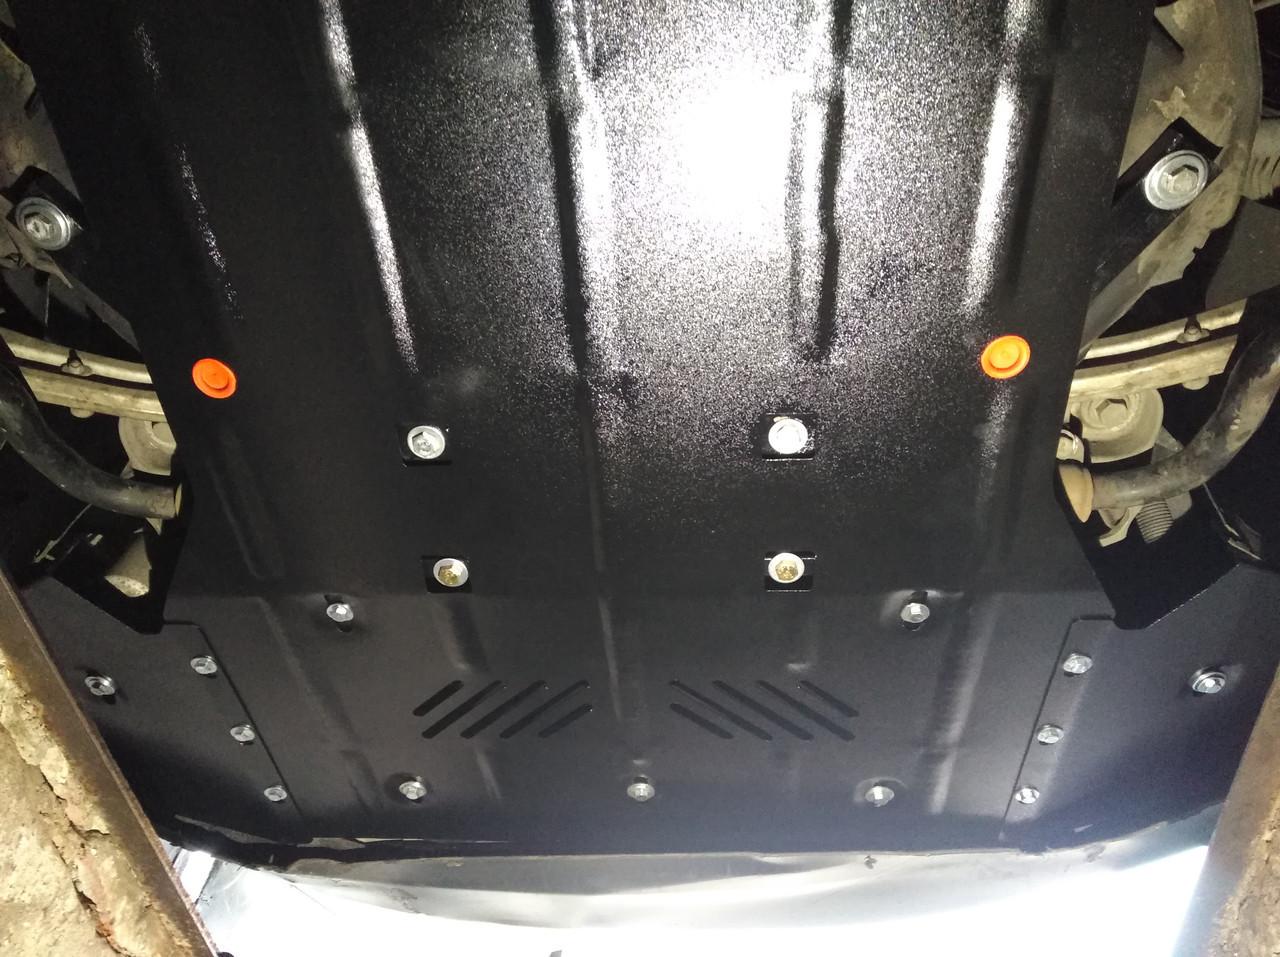 Захист картера двигуна) і Коробки передач на Geely GC6 (2012-2015)